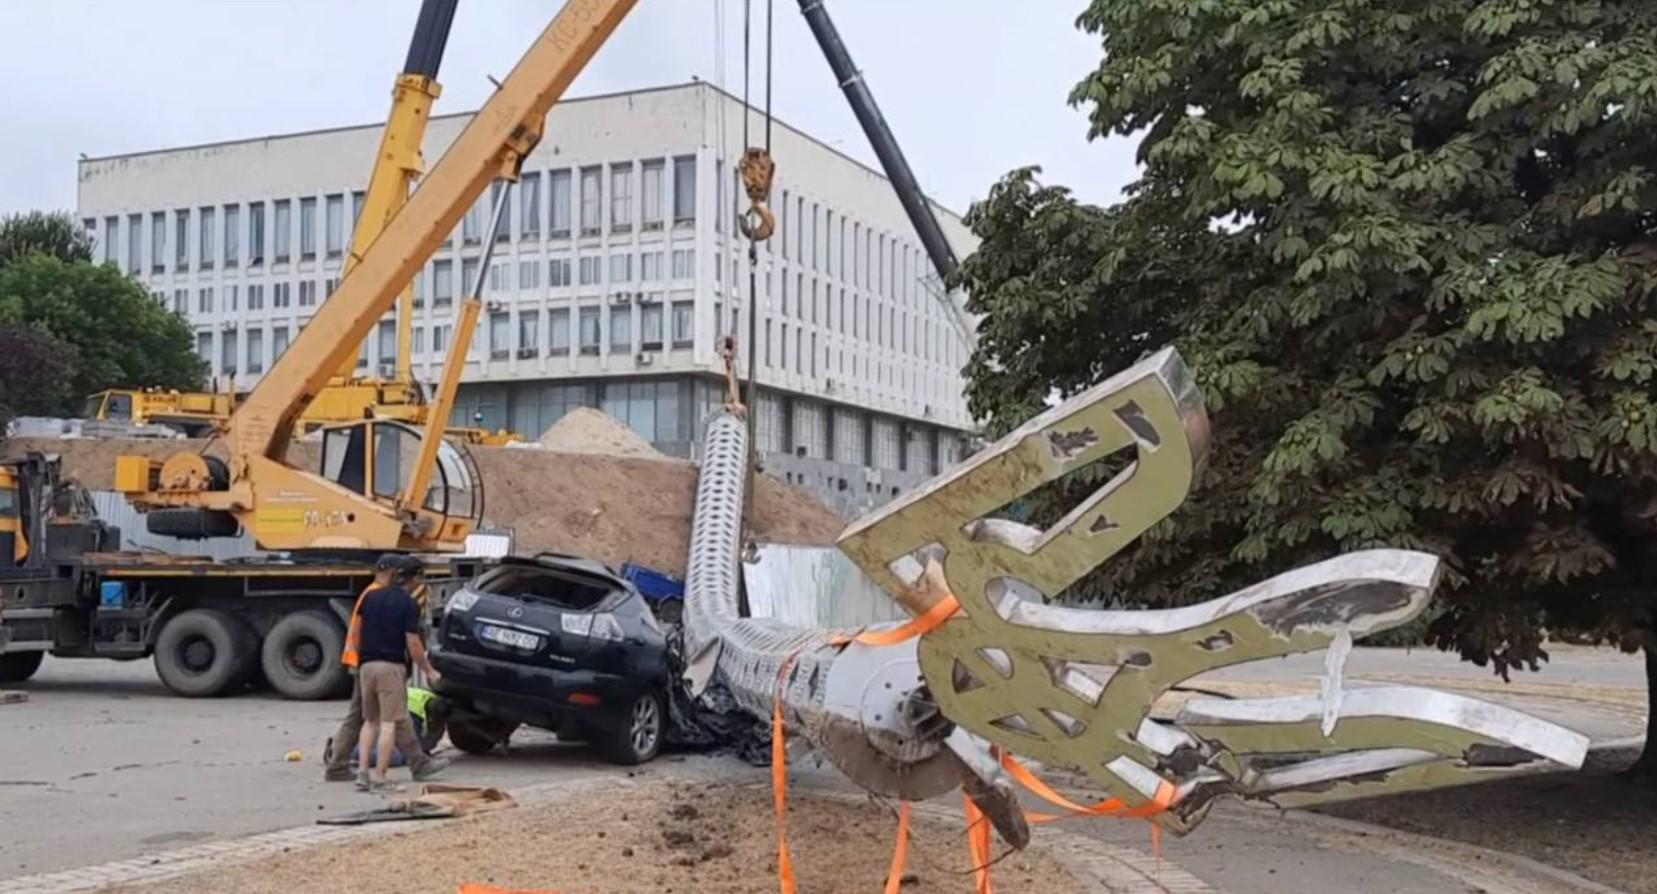 В Херсоне флагшток раздавил Lexus чиновника, который отвечал за его строительство — СМИ